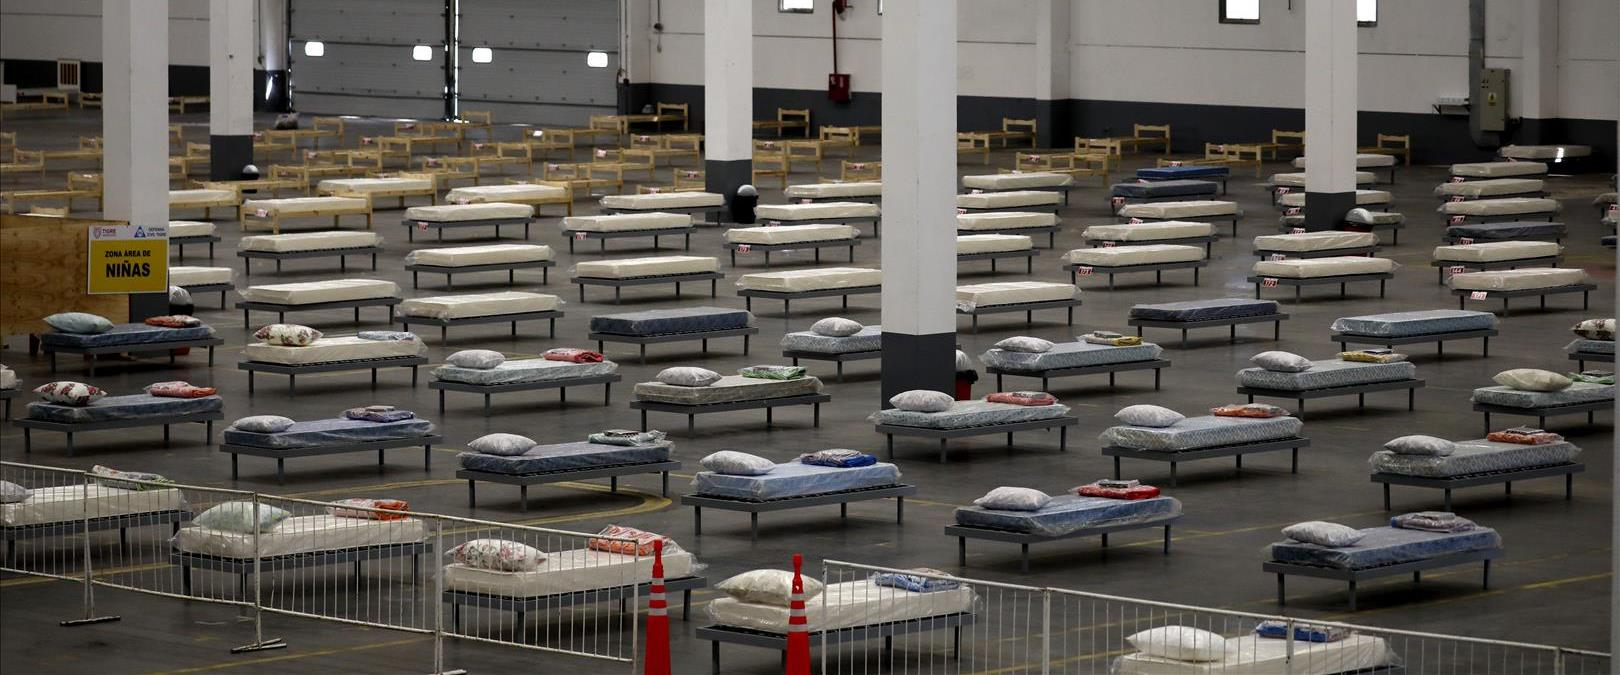 מיטות שהוכנו לשימוש חולי קורונה במחסן תעשייתי בבוא